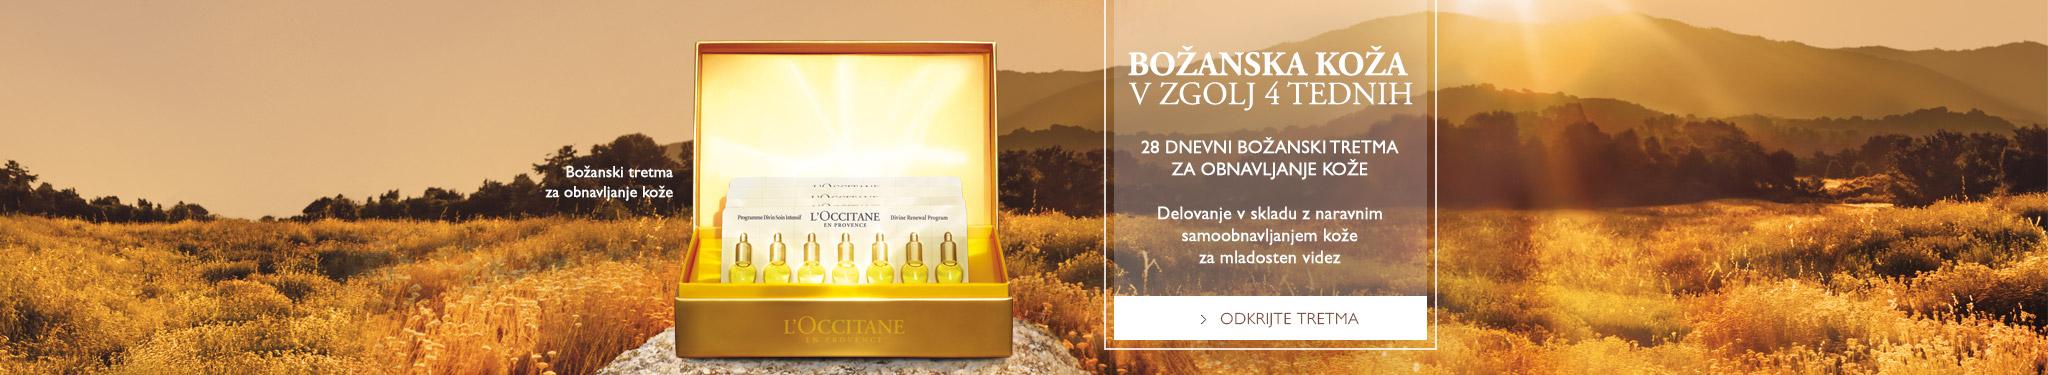 28 DNEVNI BOZANSKI TRETMA